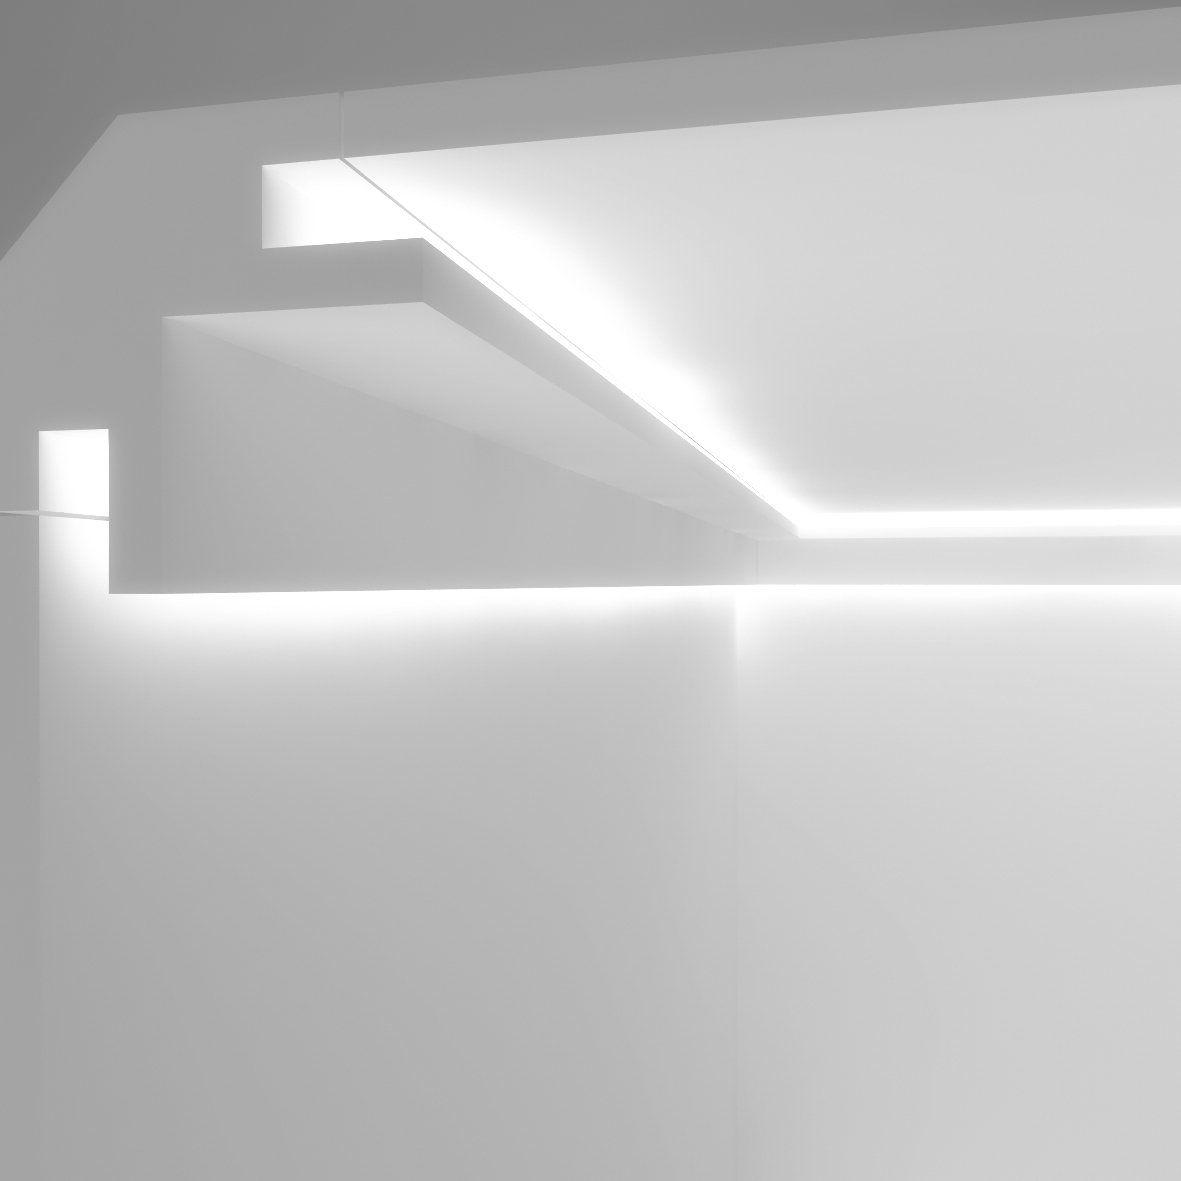 Illuminazione Led A Muro cornice per illuminazione indiretta led a parete e soffitto